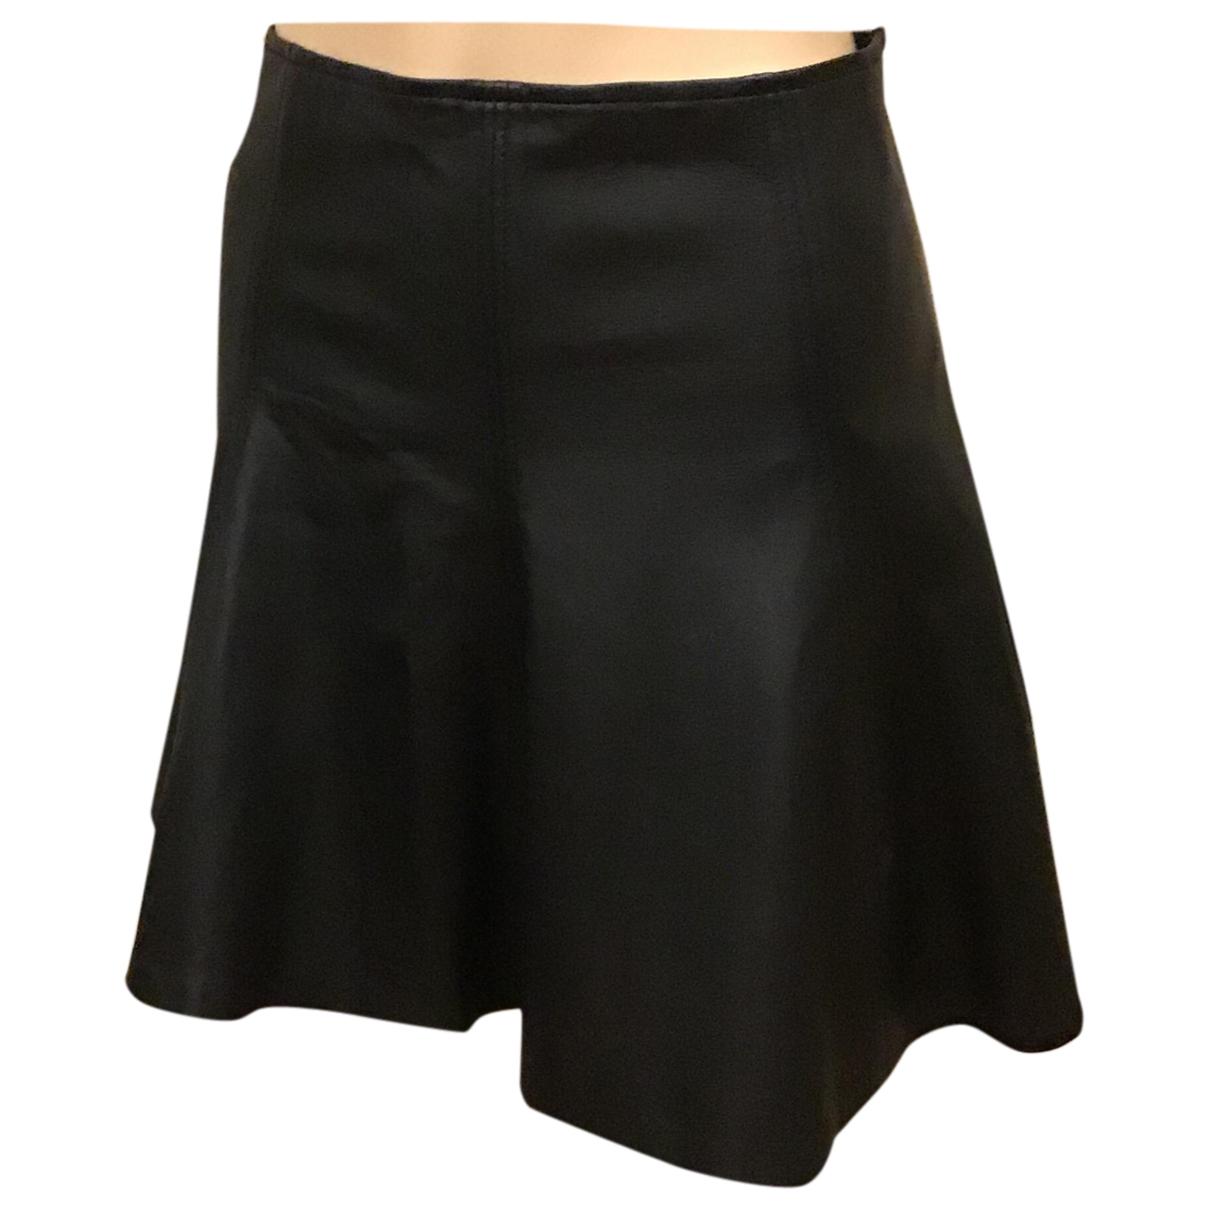 Polo Ralph Lauren \N Black Leather skirt for Women 6 US